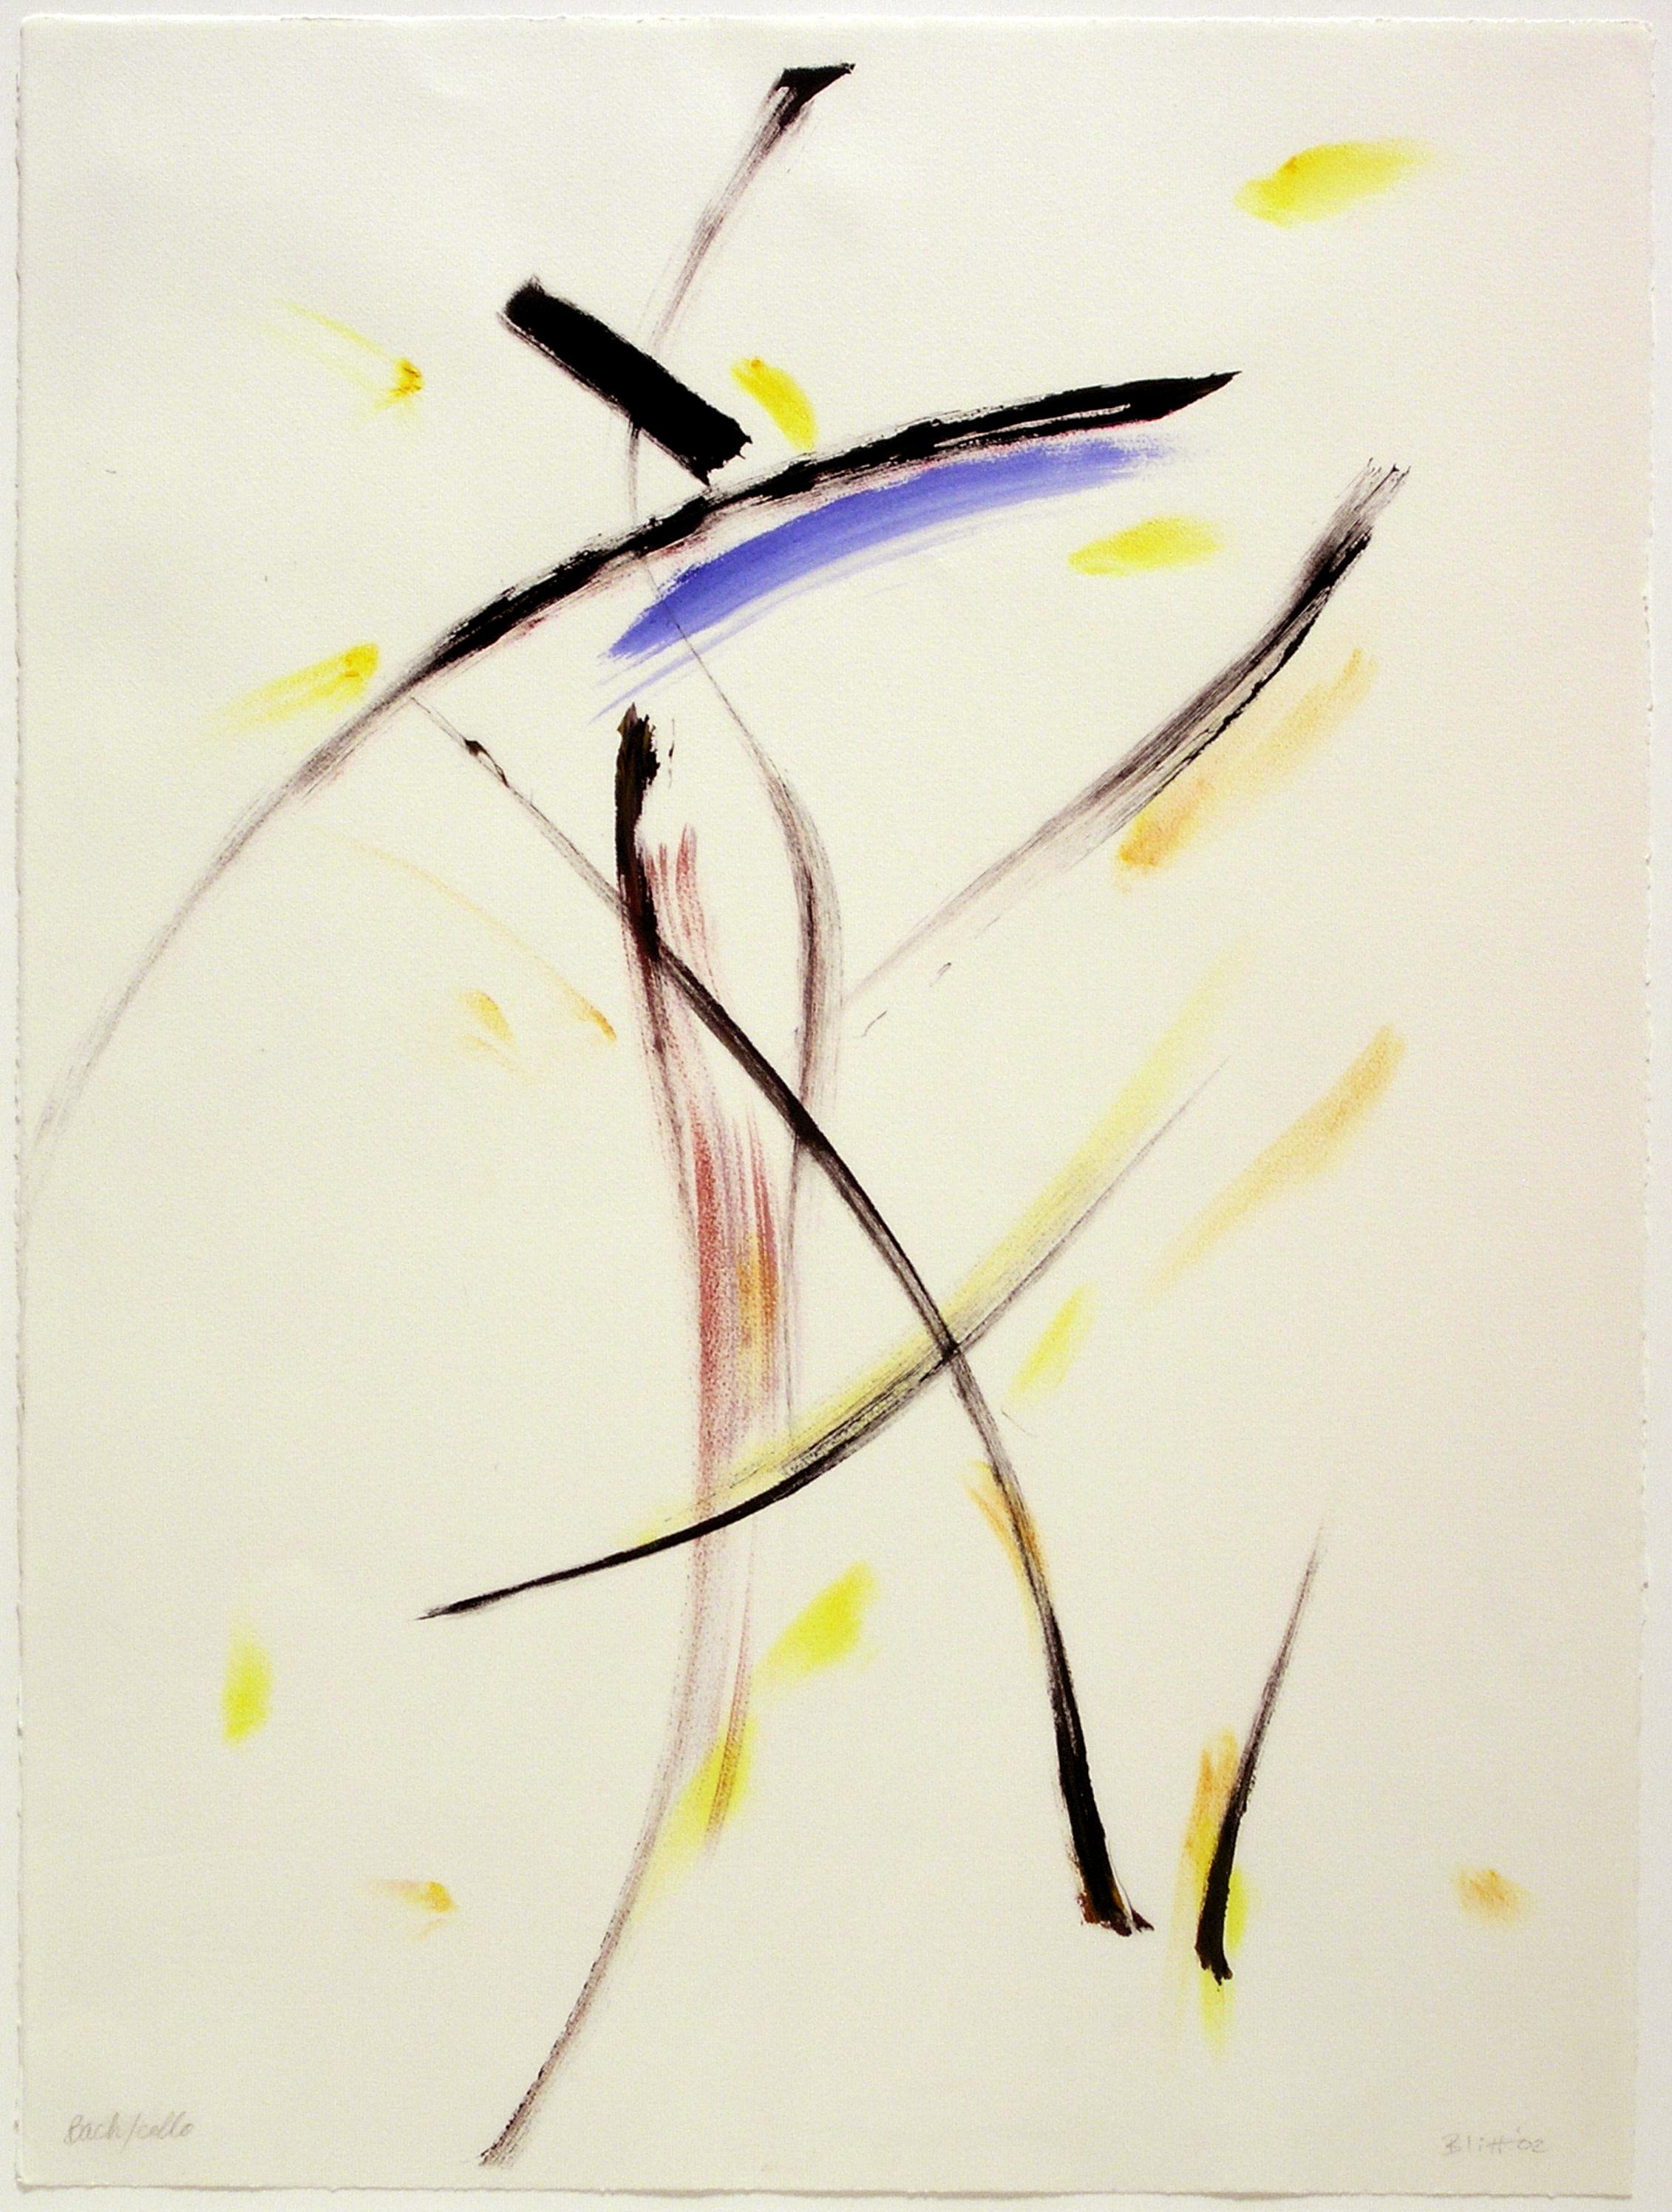 15. Bach-Hanani Cello, 2002.0315.jpg